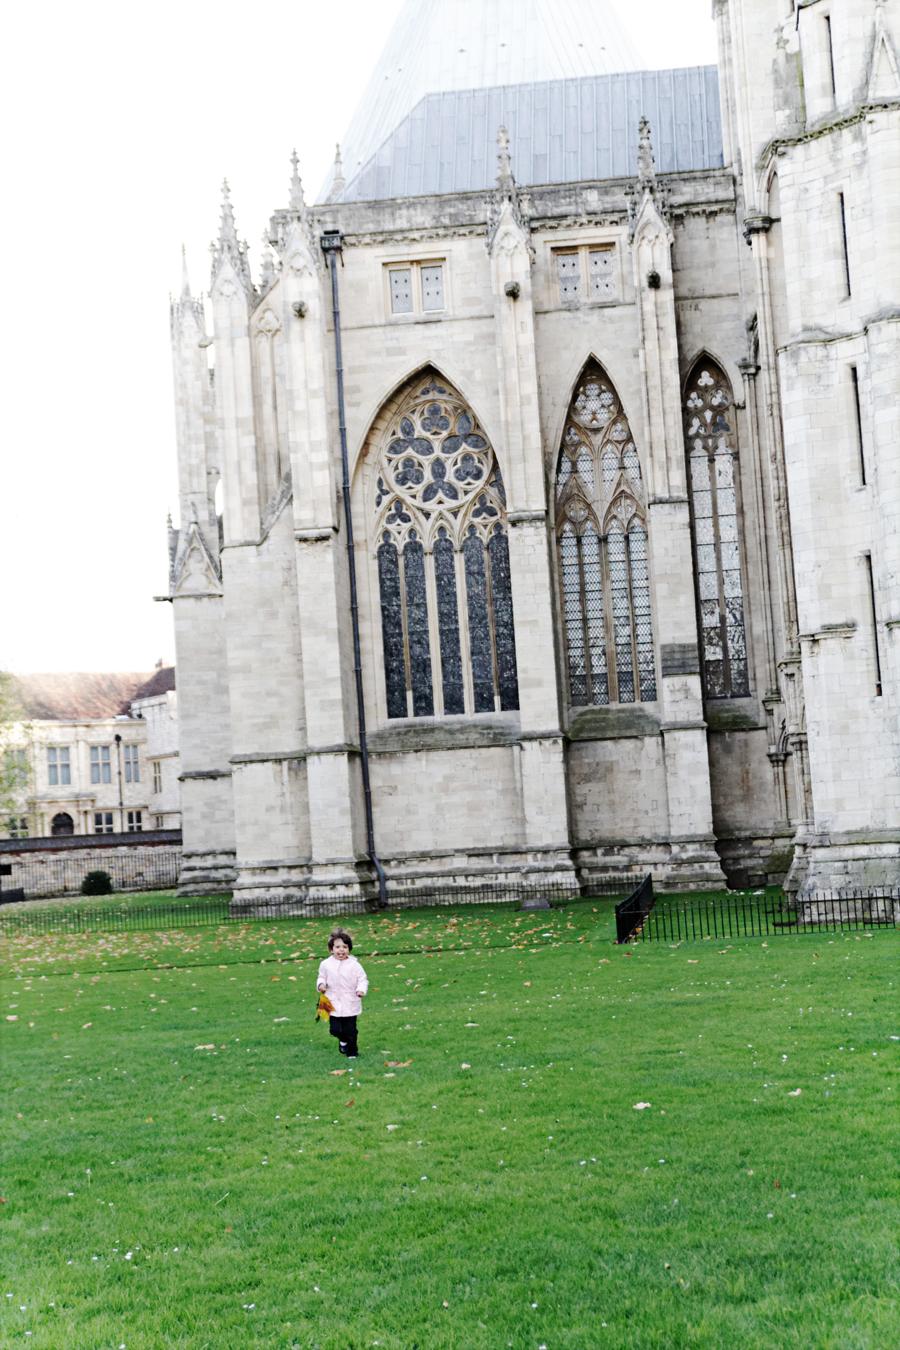 Lily brincando no parque à sombra da catedral.